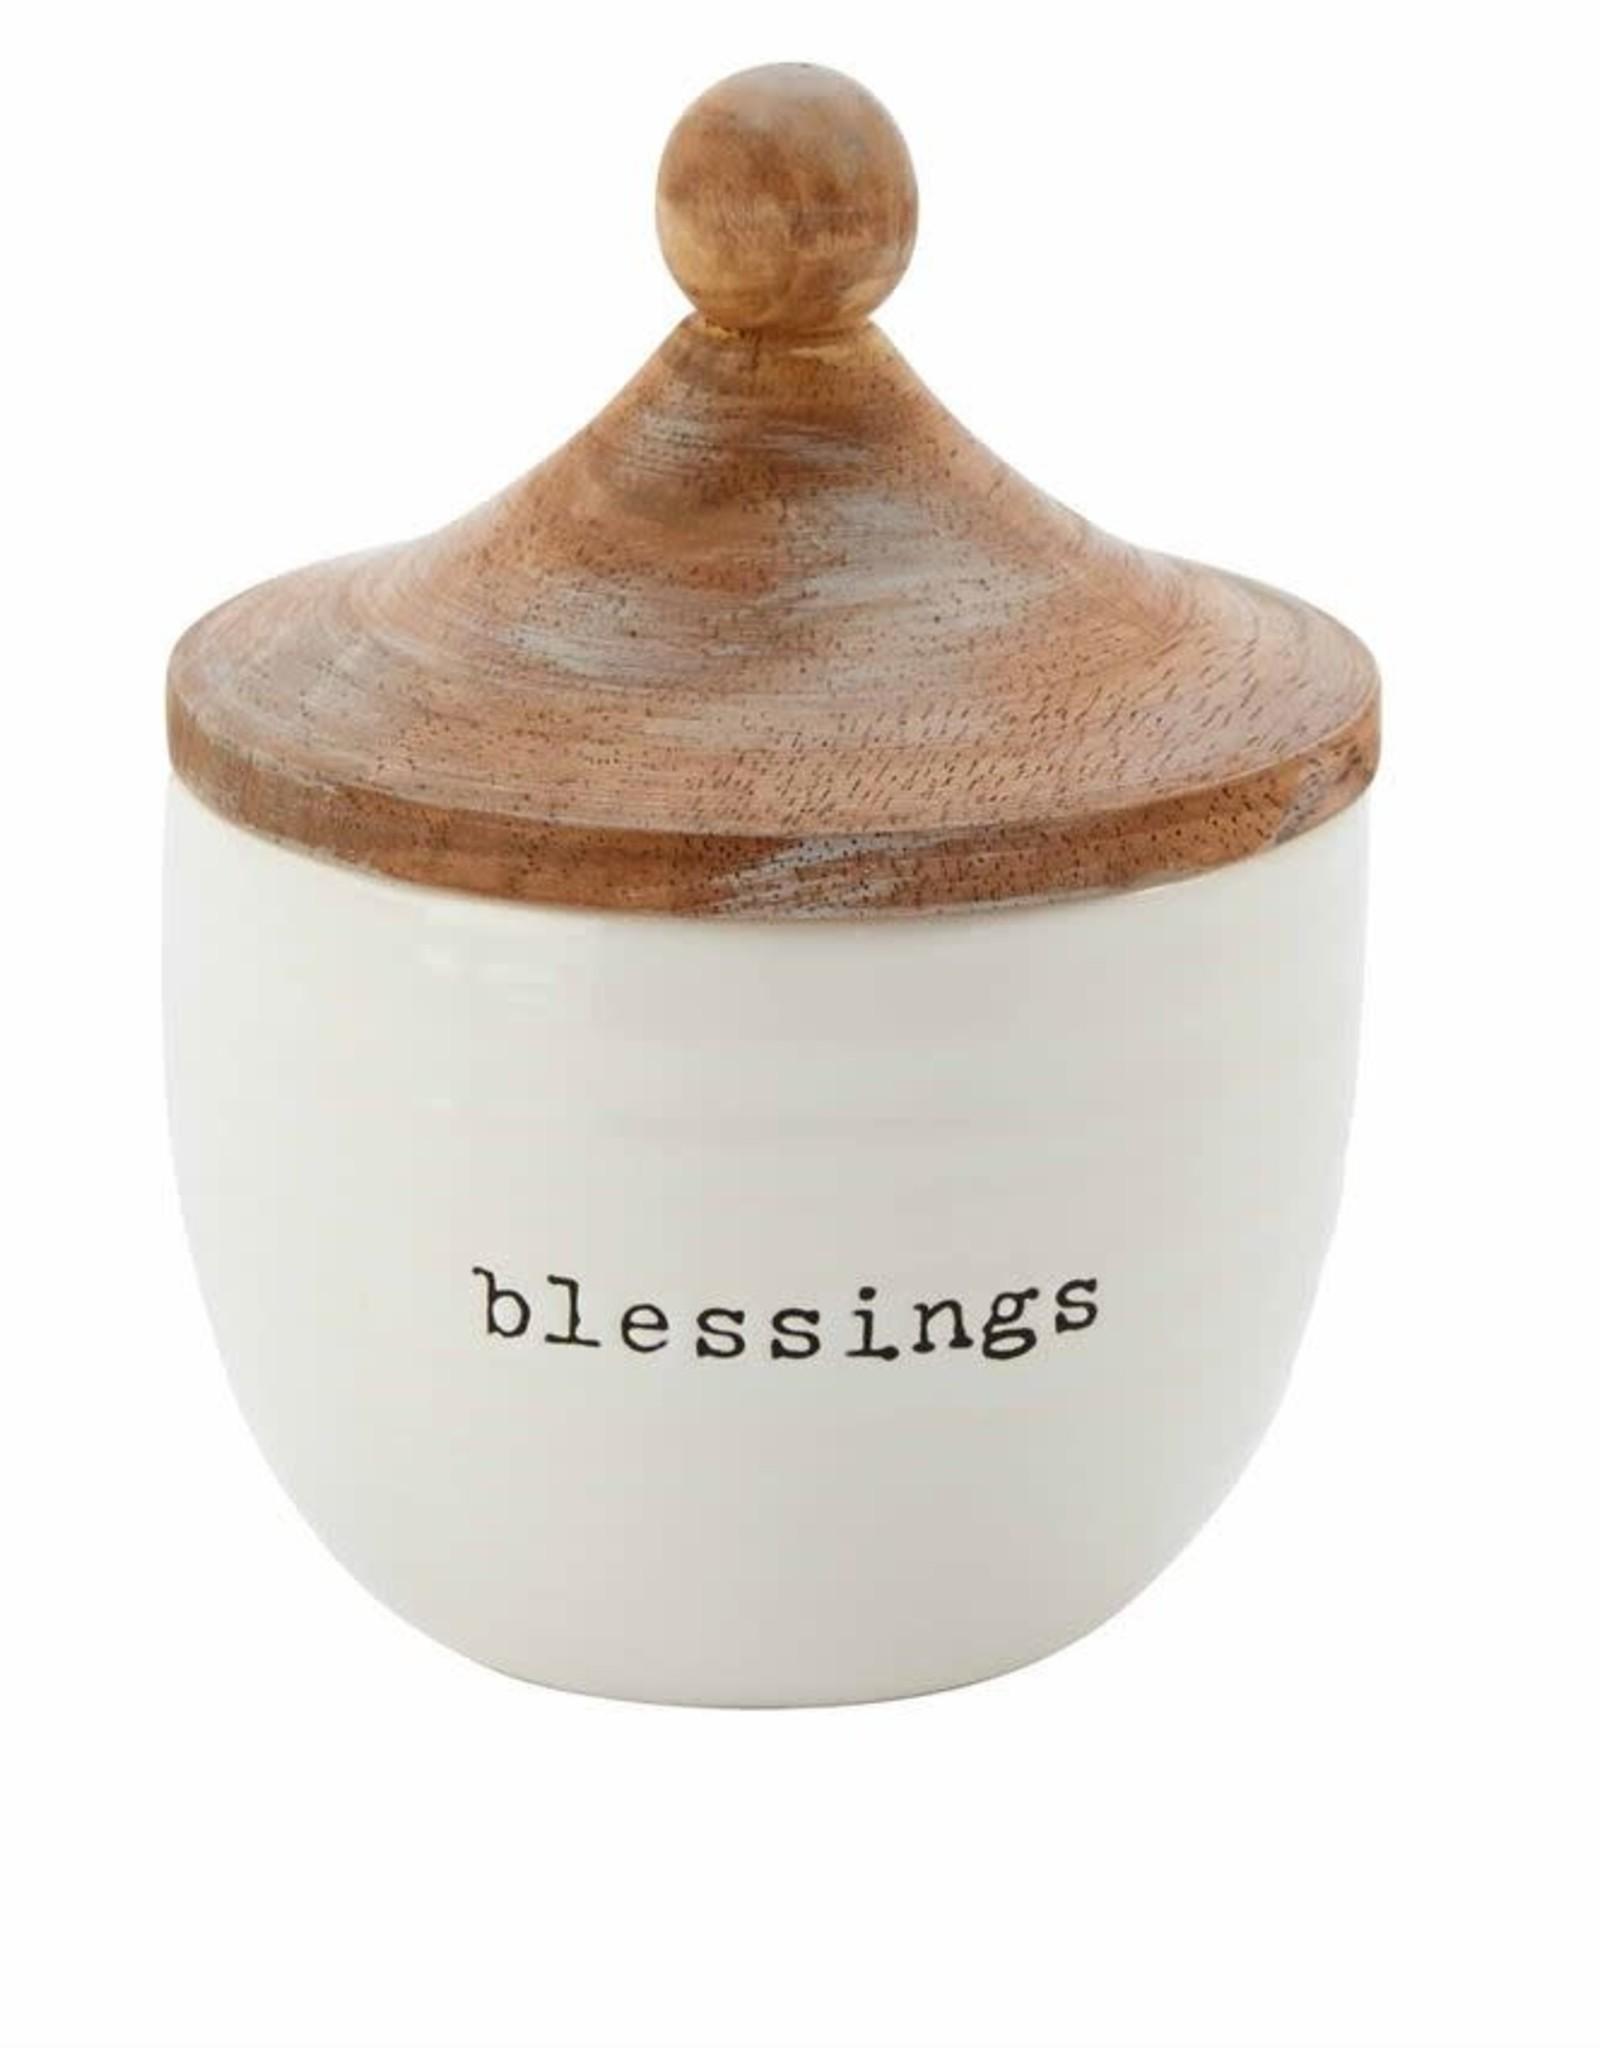 Wink Blessing Jar